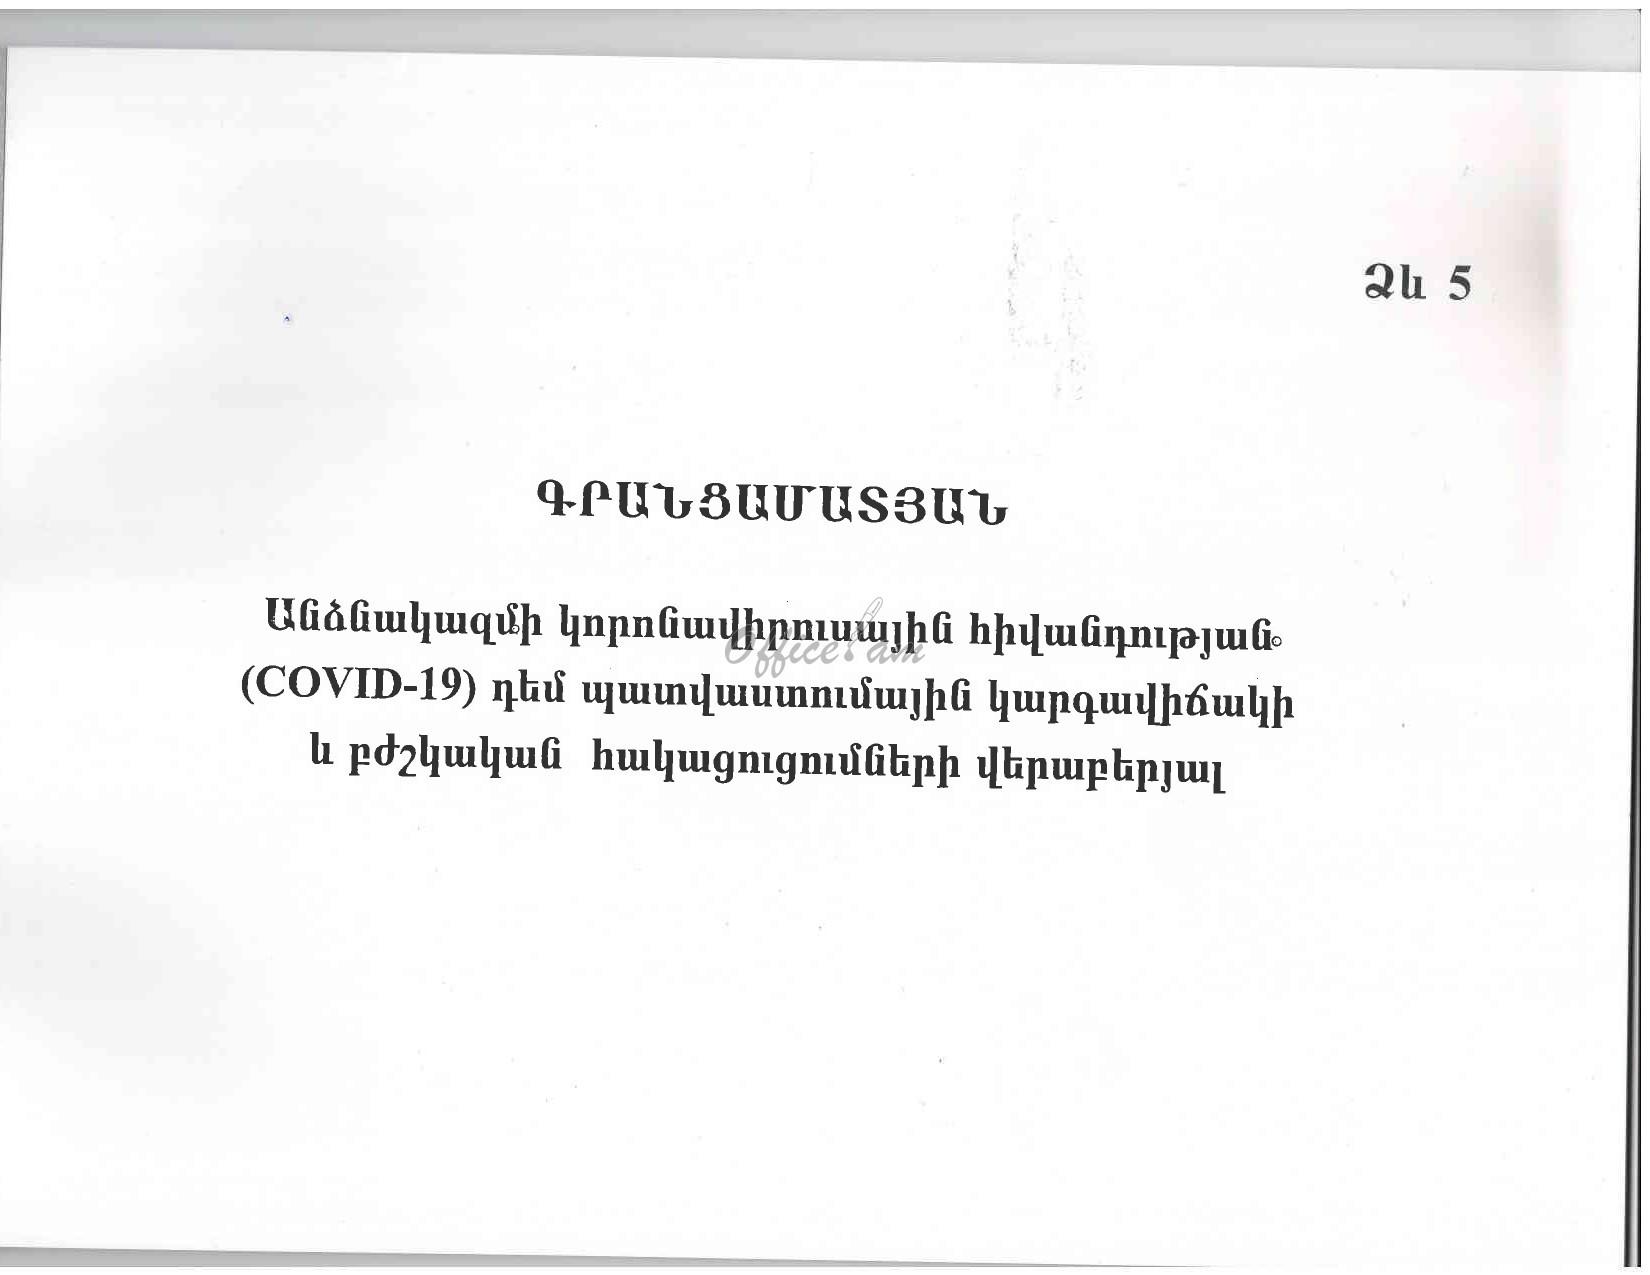 Անձնակազմի կորոնավիրուսային հիվանդության դեմ պատվաստումային կարգավիճակի և բժշկական հակացուցումների վերաբերյալ (N5), 25թ